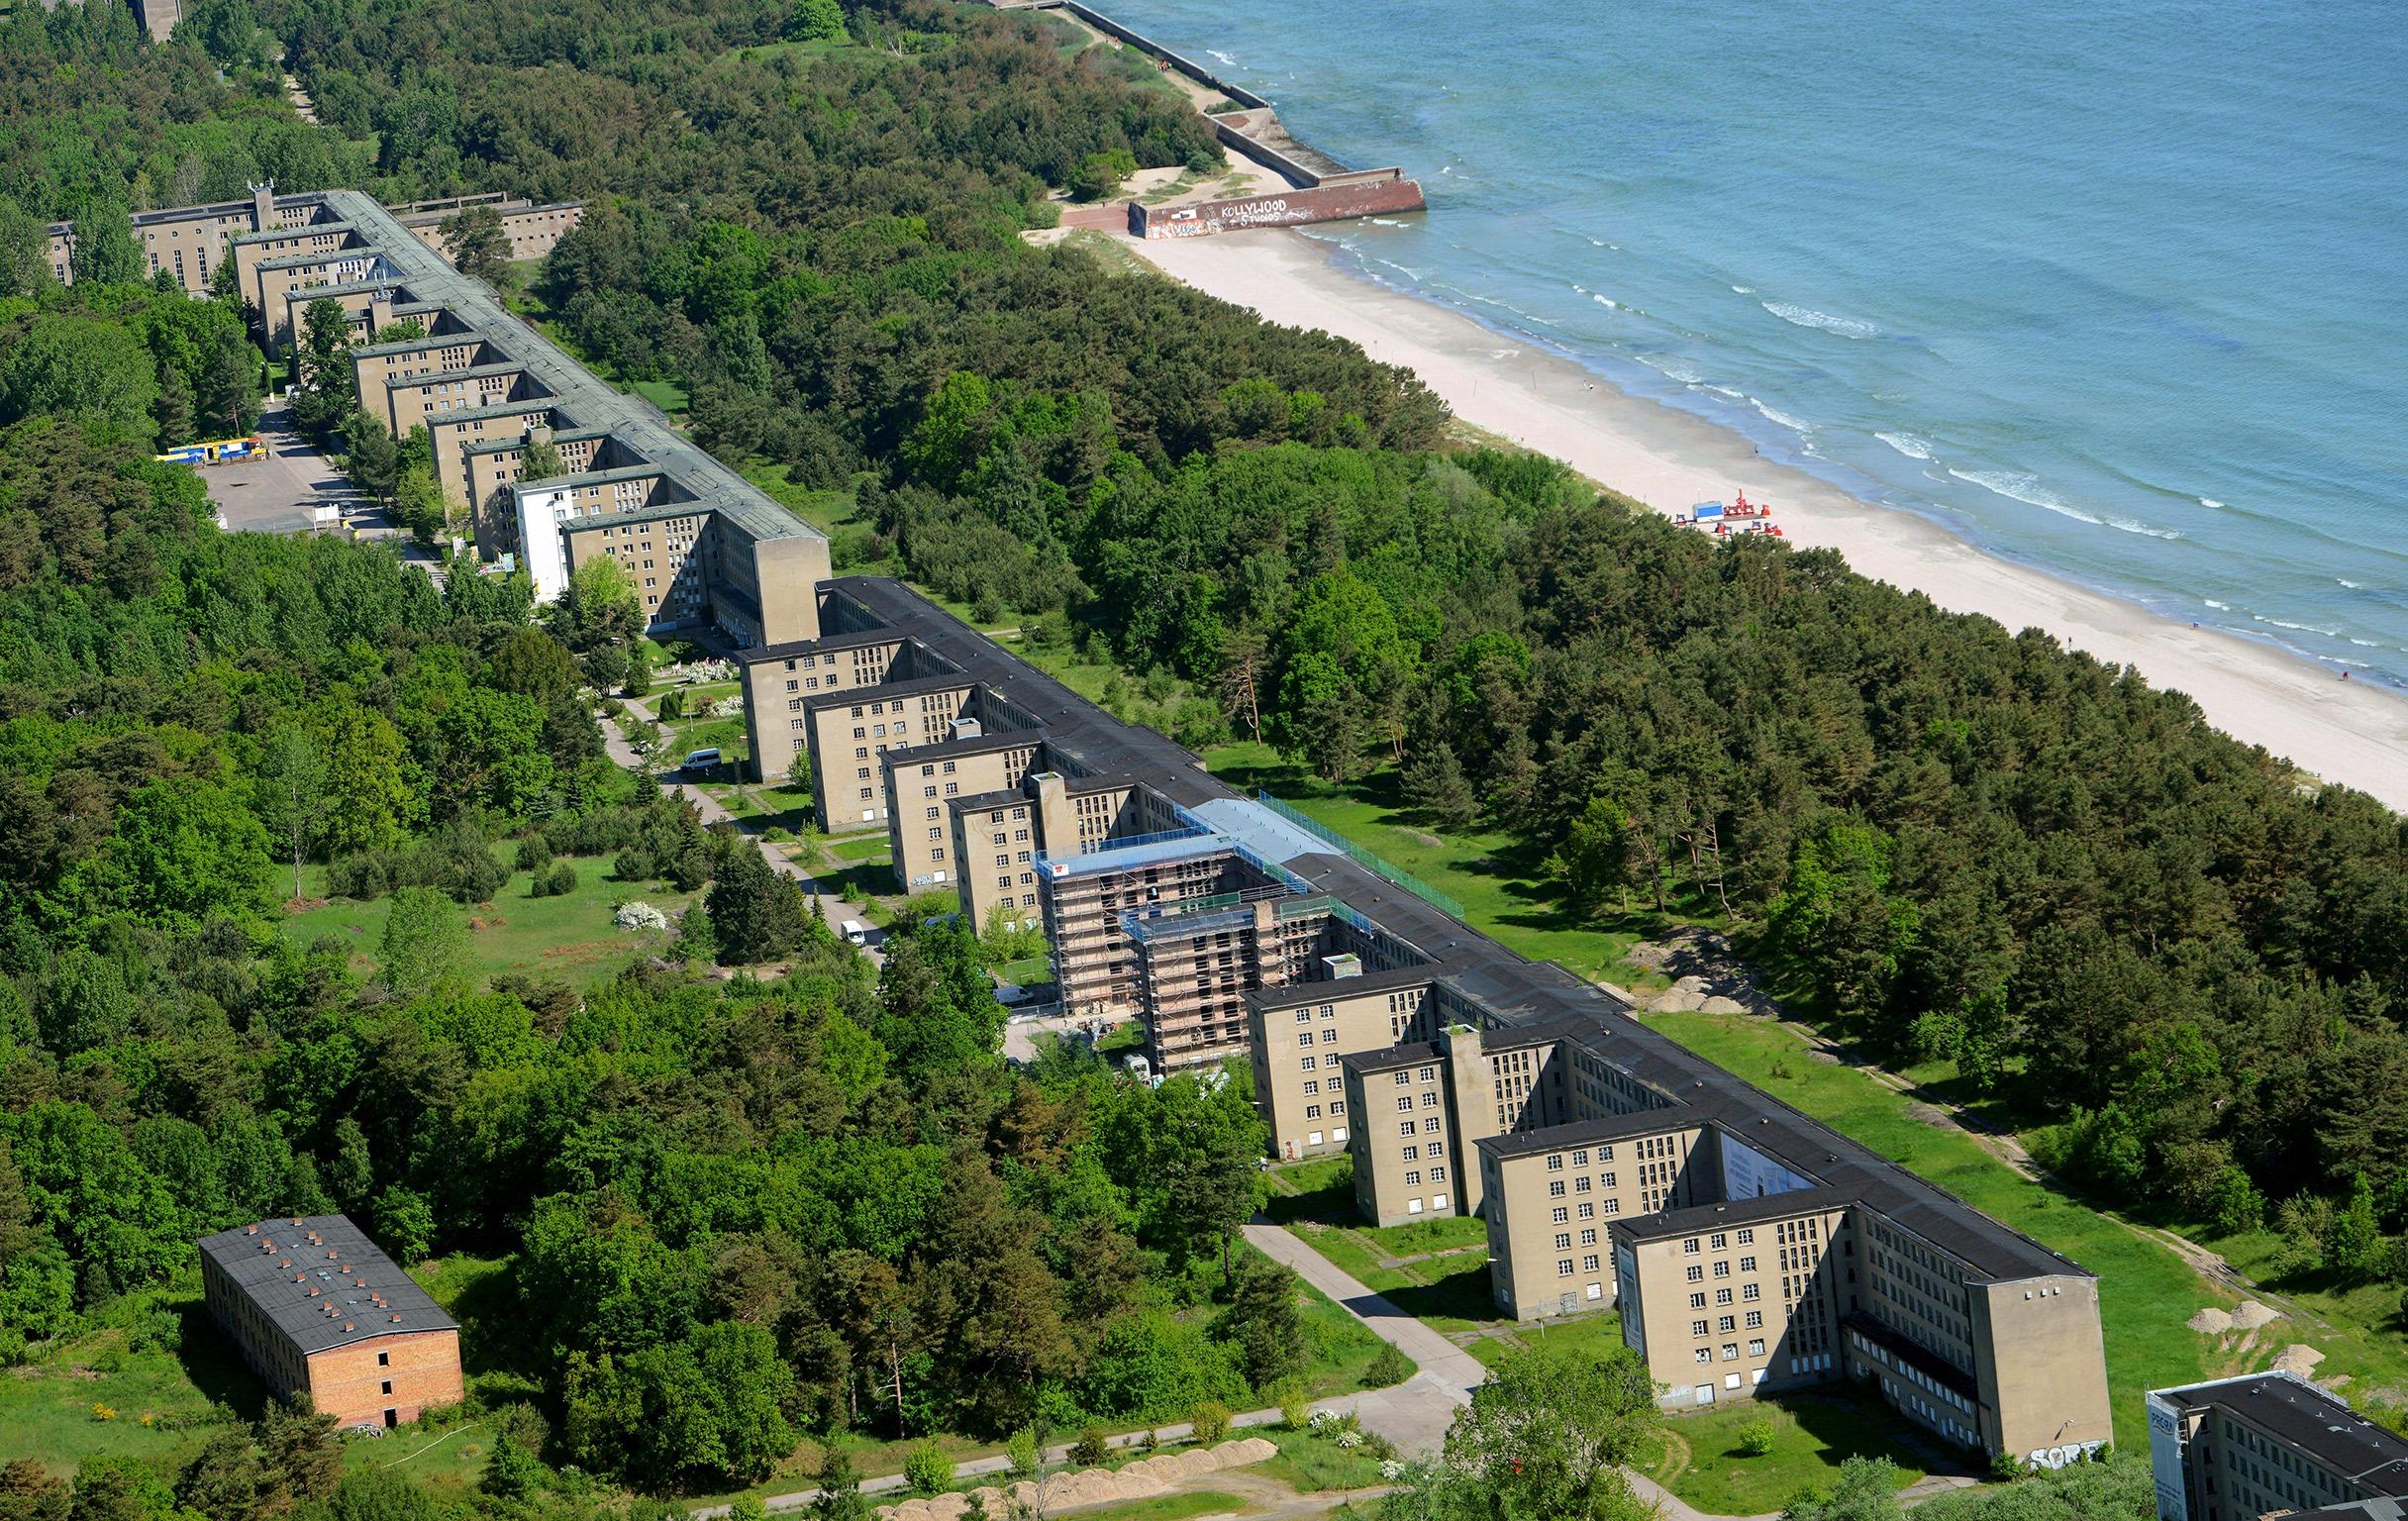 Девелоперы превратят нацистскую турбазу в 5-звездочный курорт